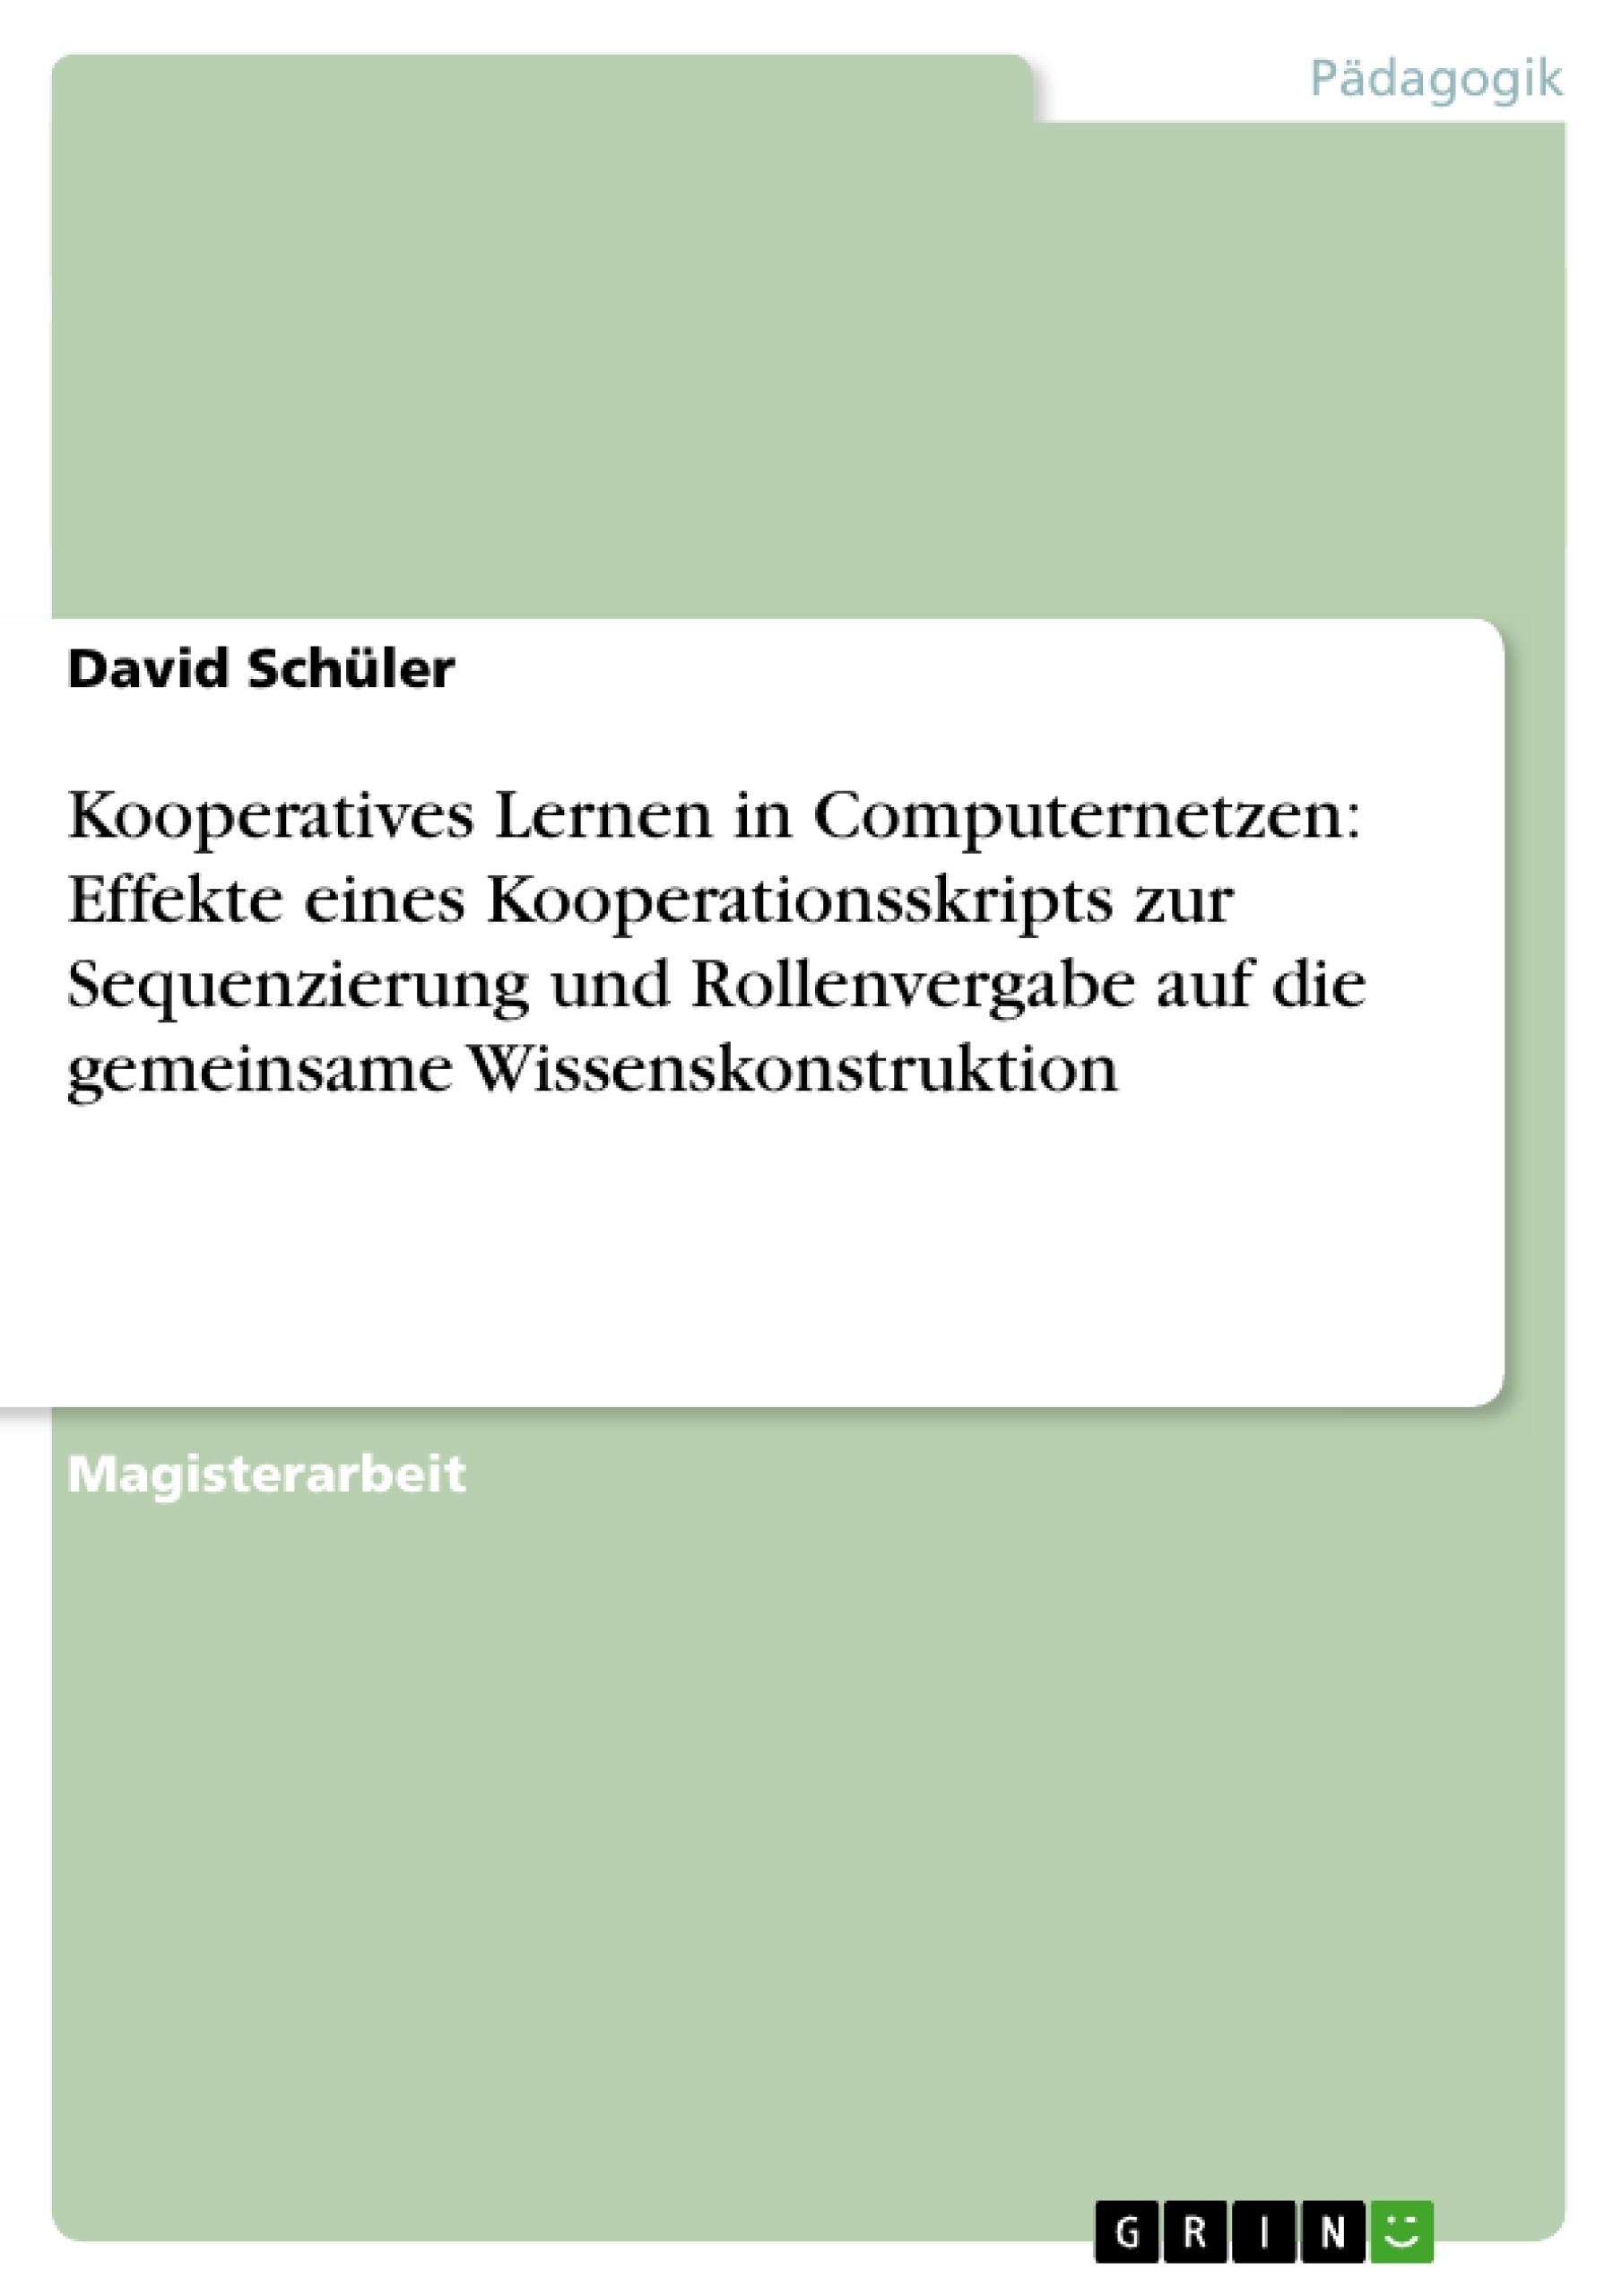 Titel: Kooperatives Lernen in Computernetzen: Effekte eines Kooperationsskripts zur Sequenzierung und Rollenvergabe auf die gemeinsame Wissenskonstruktion